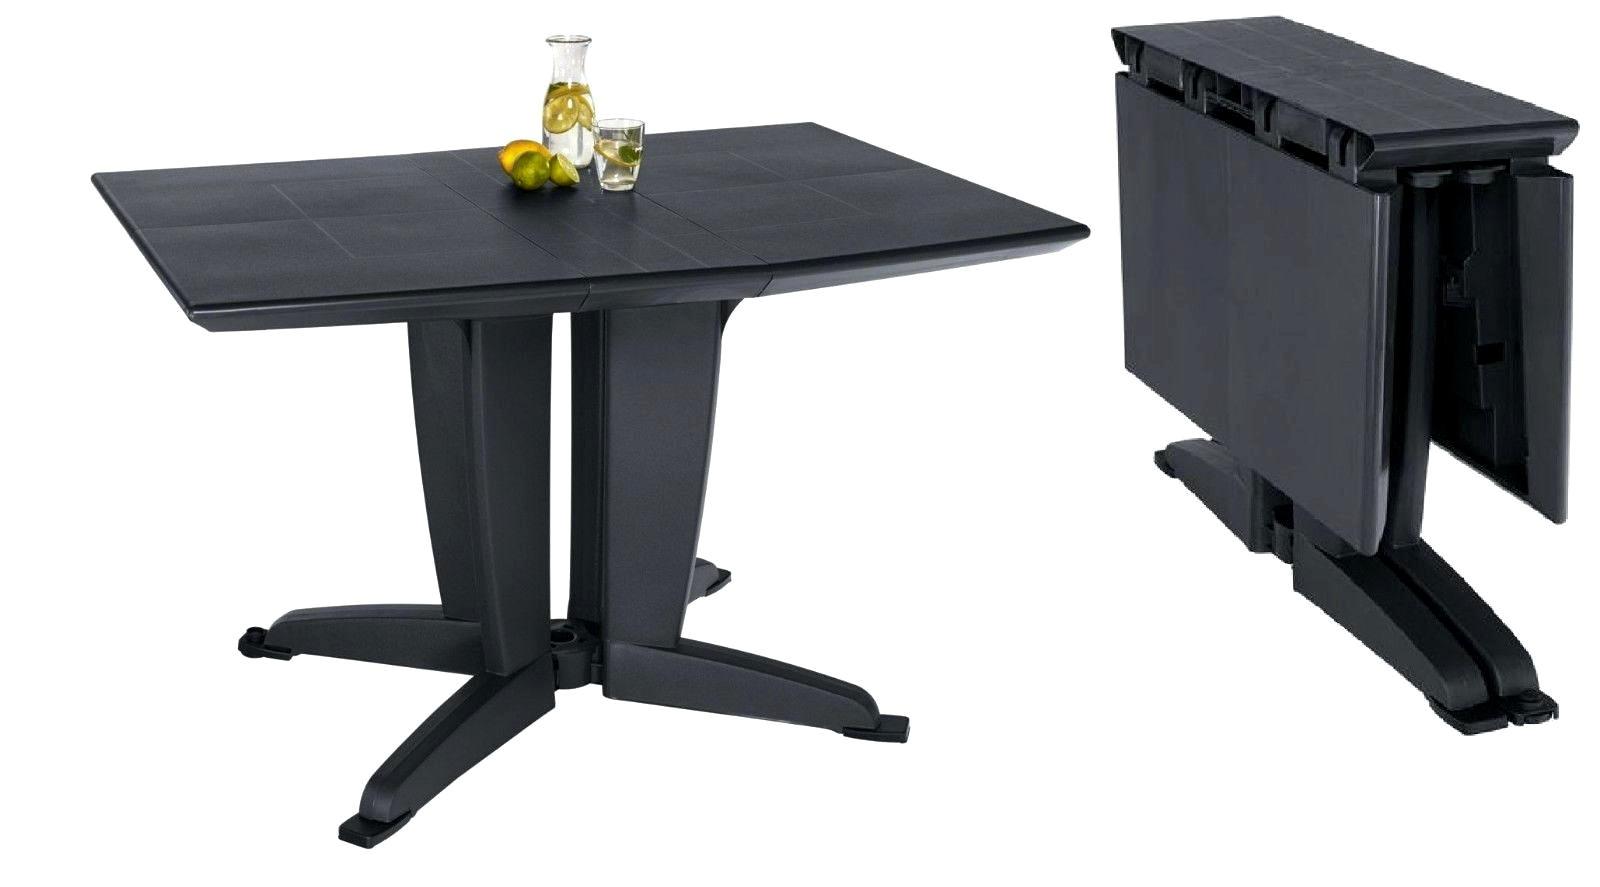 Full Size of Balkontisch Klappbar Ikea Ambiznes Com Avec Bett Ausklappbar Ausklappbares Wohnzimmer Balkontisch Klappbar